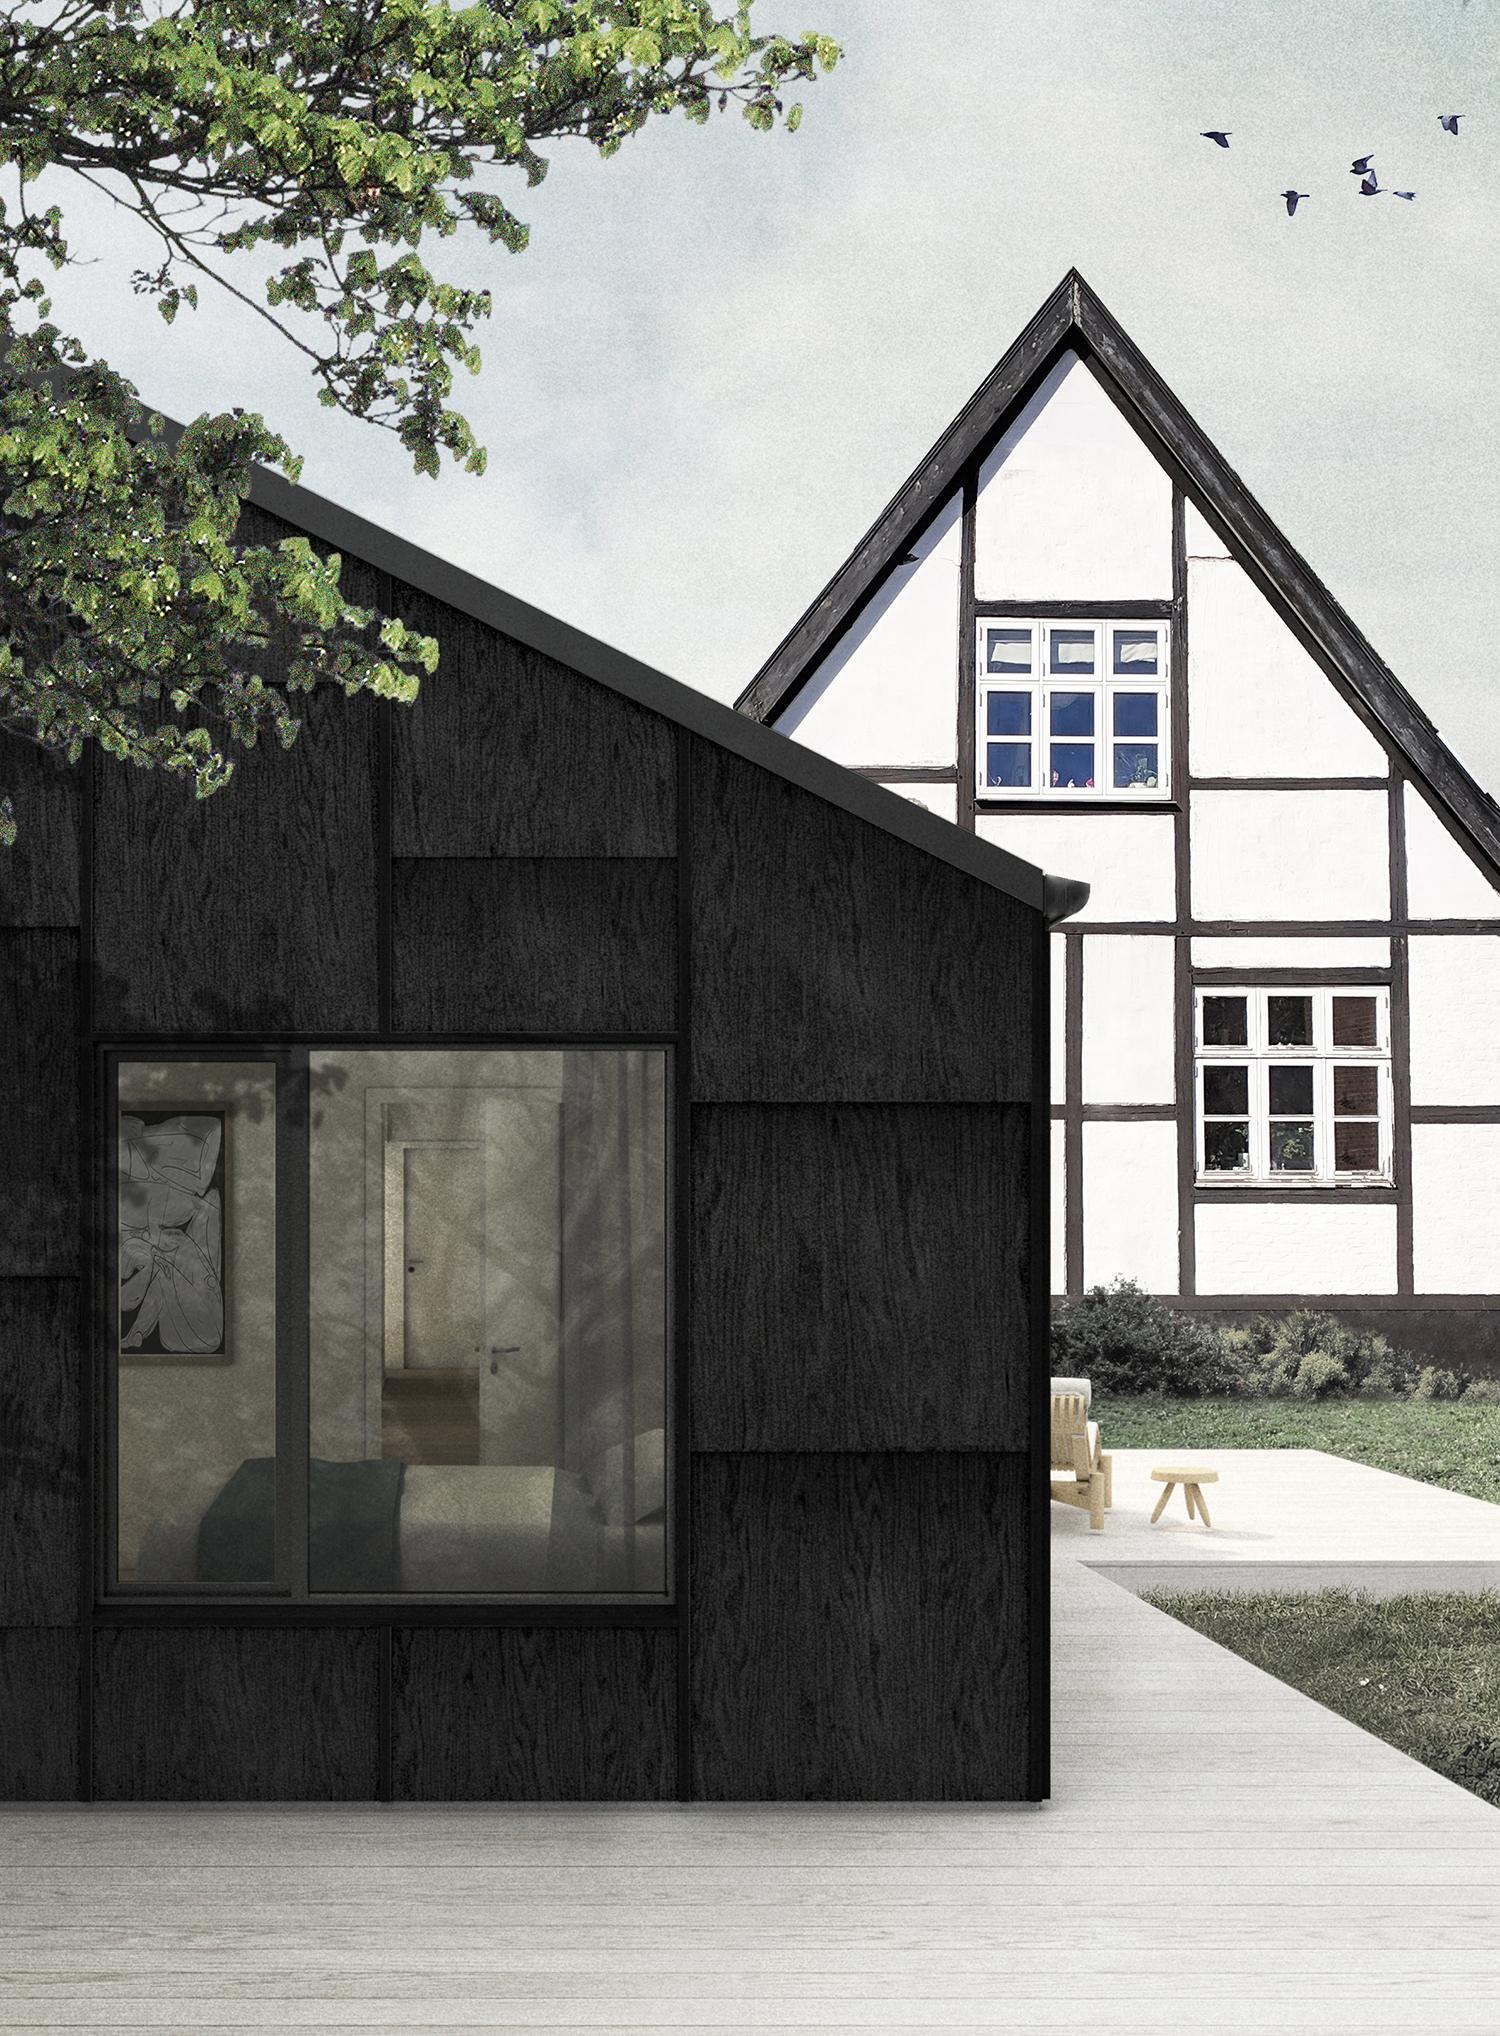 Kjaer-Architecture_Kastrup_00.jpg